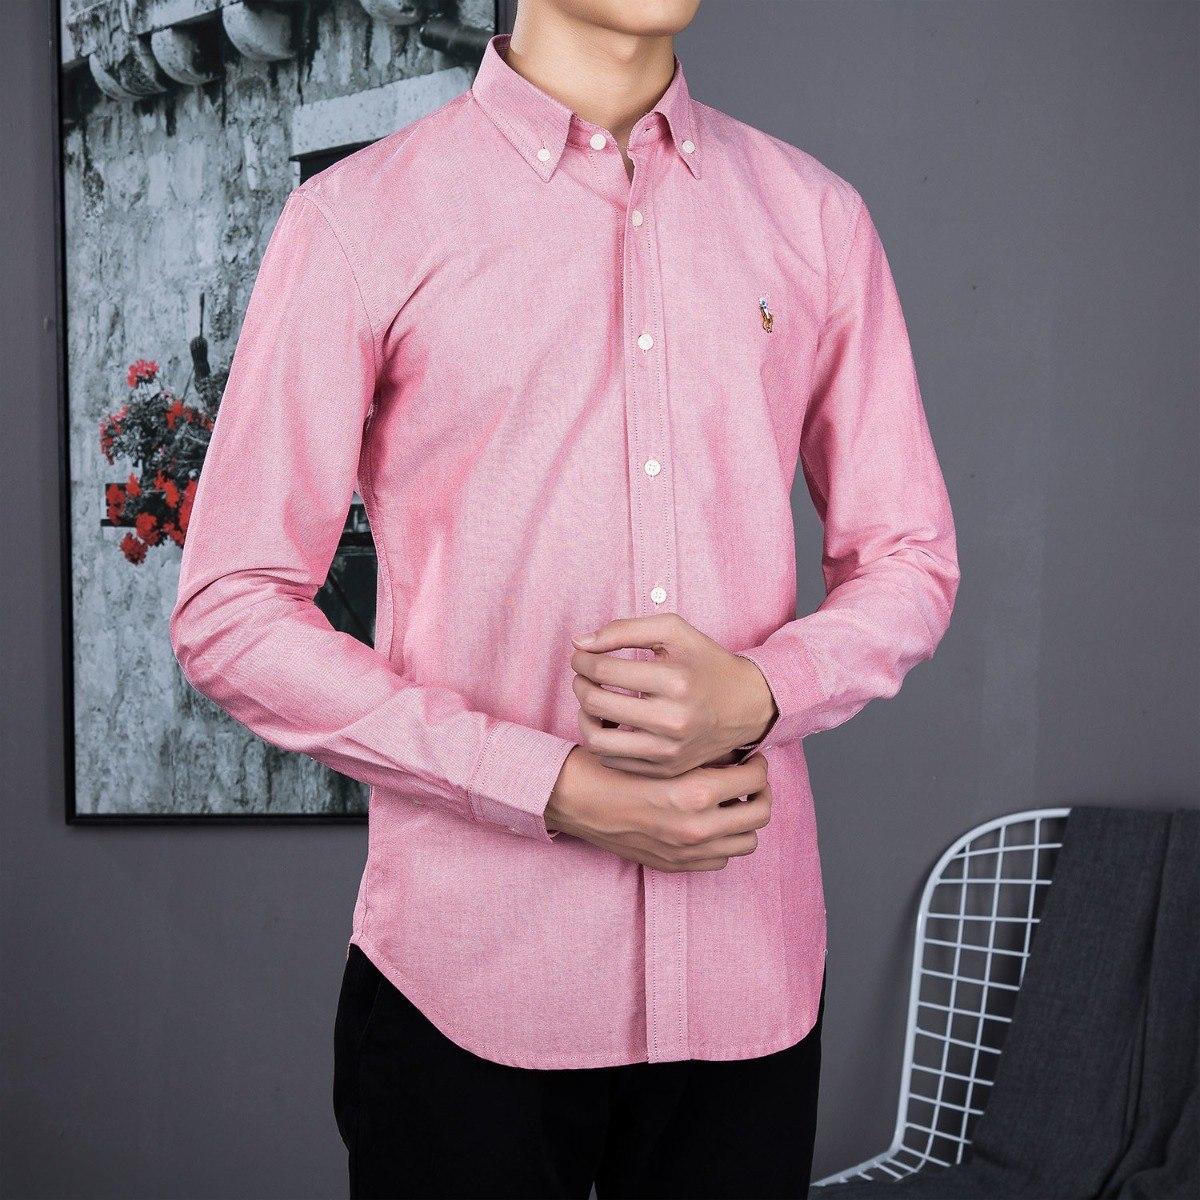 65663764c6667 camisa social ralph lauren masculina cores pronta entrega. Carregando zoom.